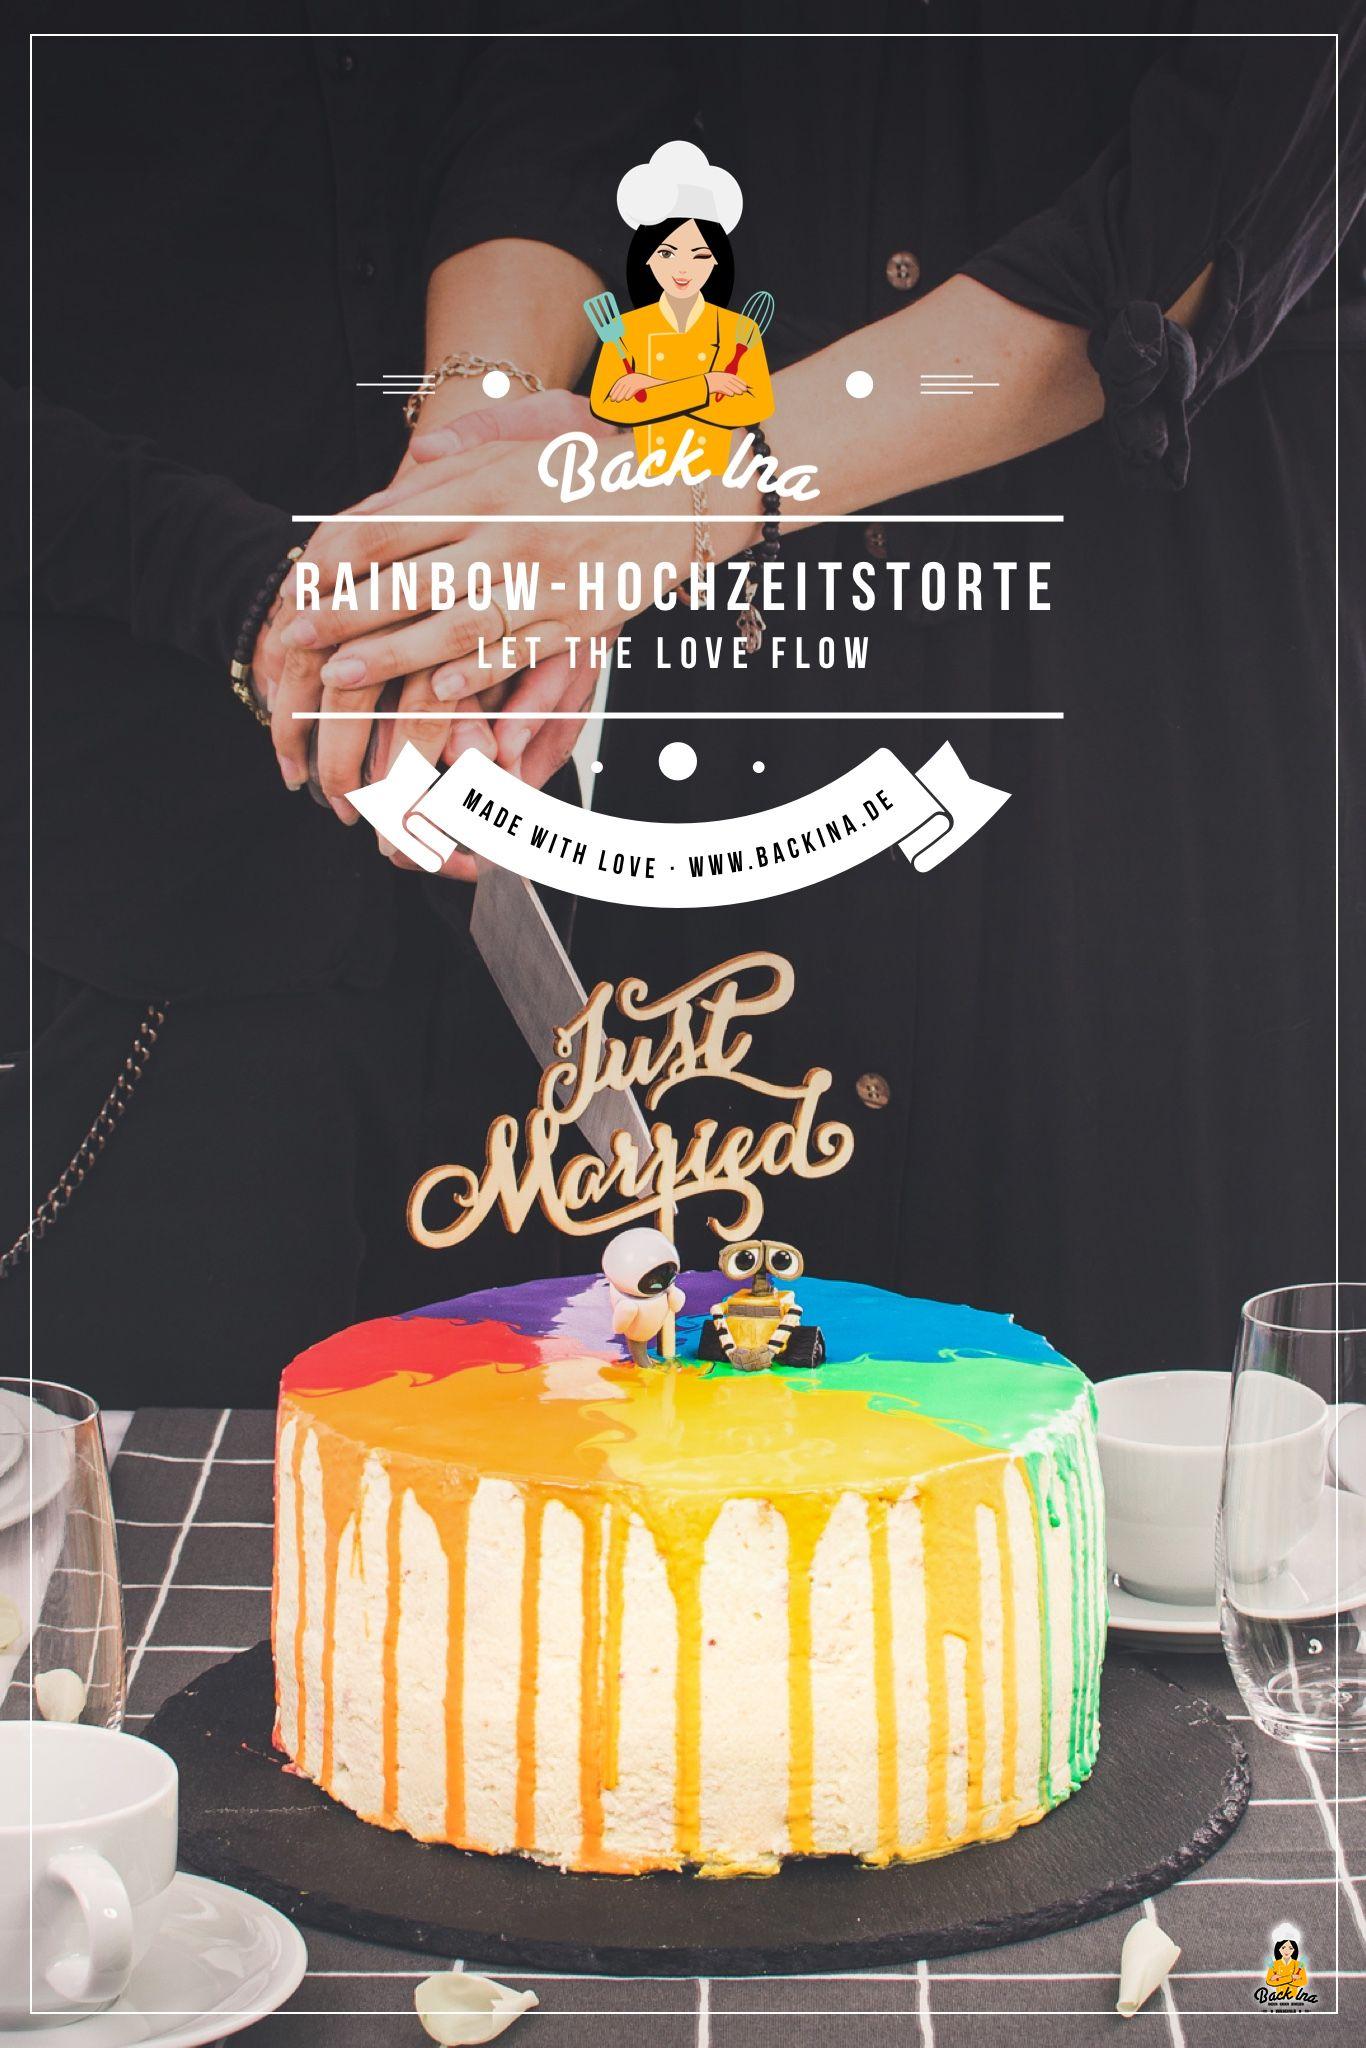 Eine besondere Torte für eine besondere Hochzeit: Diese Regenbogen Torte in Form eines Drip Cakes ist perfekt für eine LGBTQ-Hochzeit! Ohne den Topper kann diese Torte auch als Regenbogen Geburtstagstorte umgesetzt werden. | BackIna.de